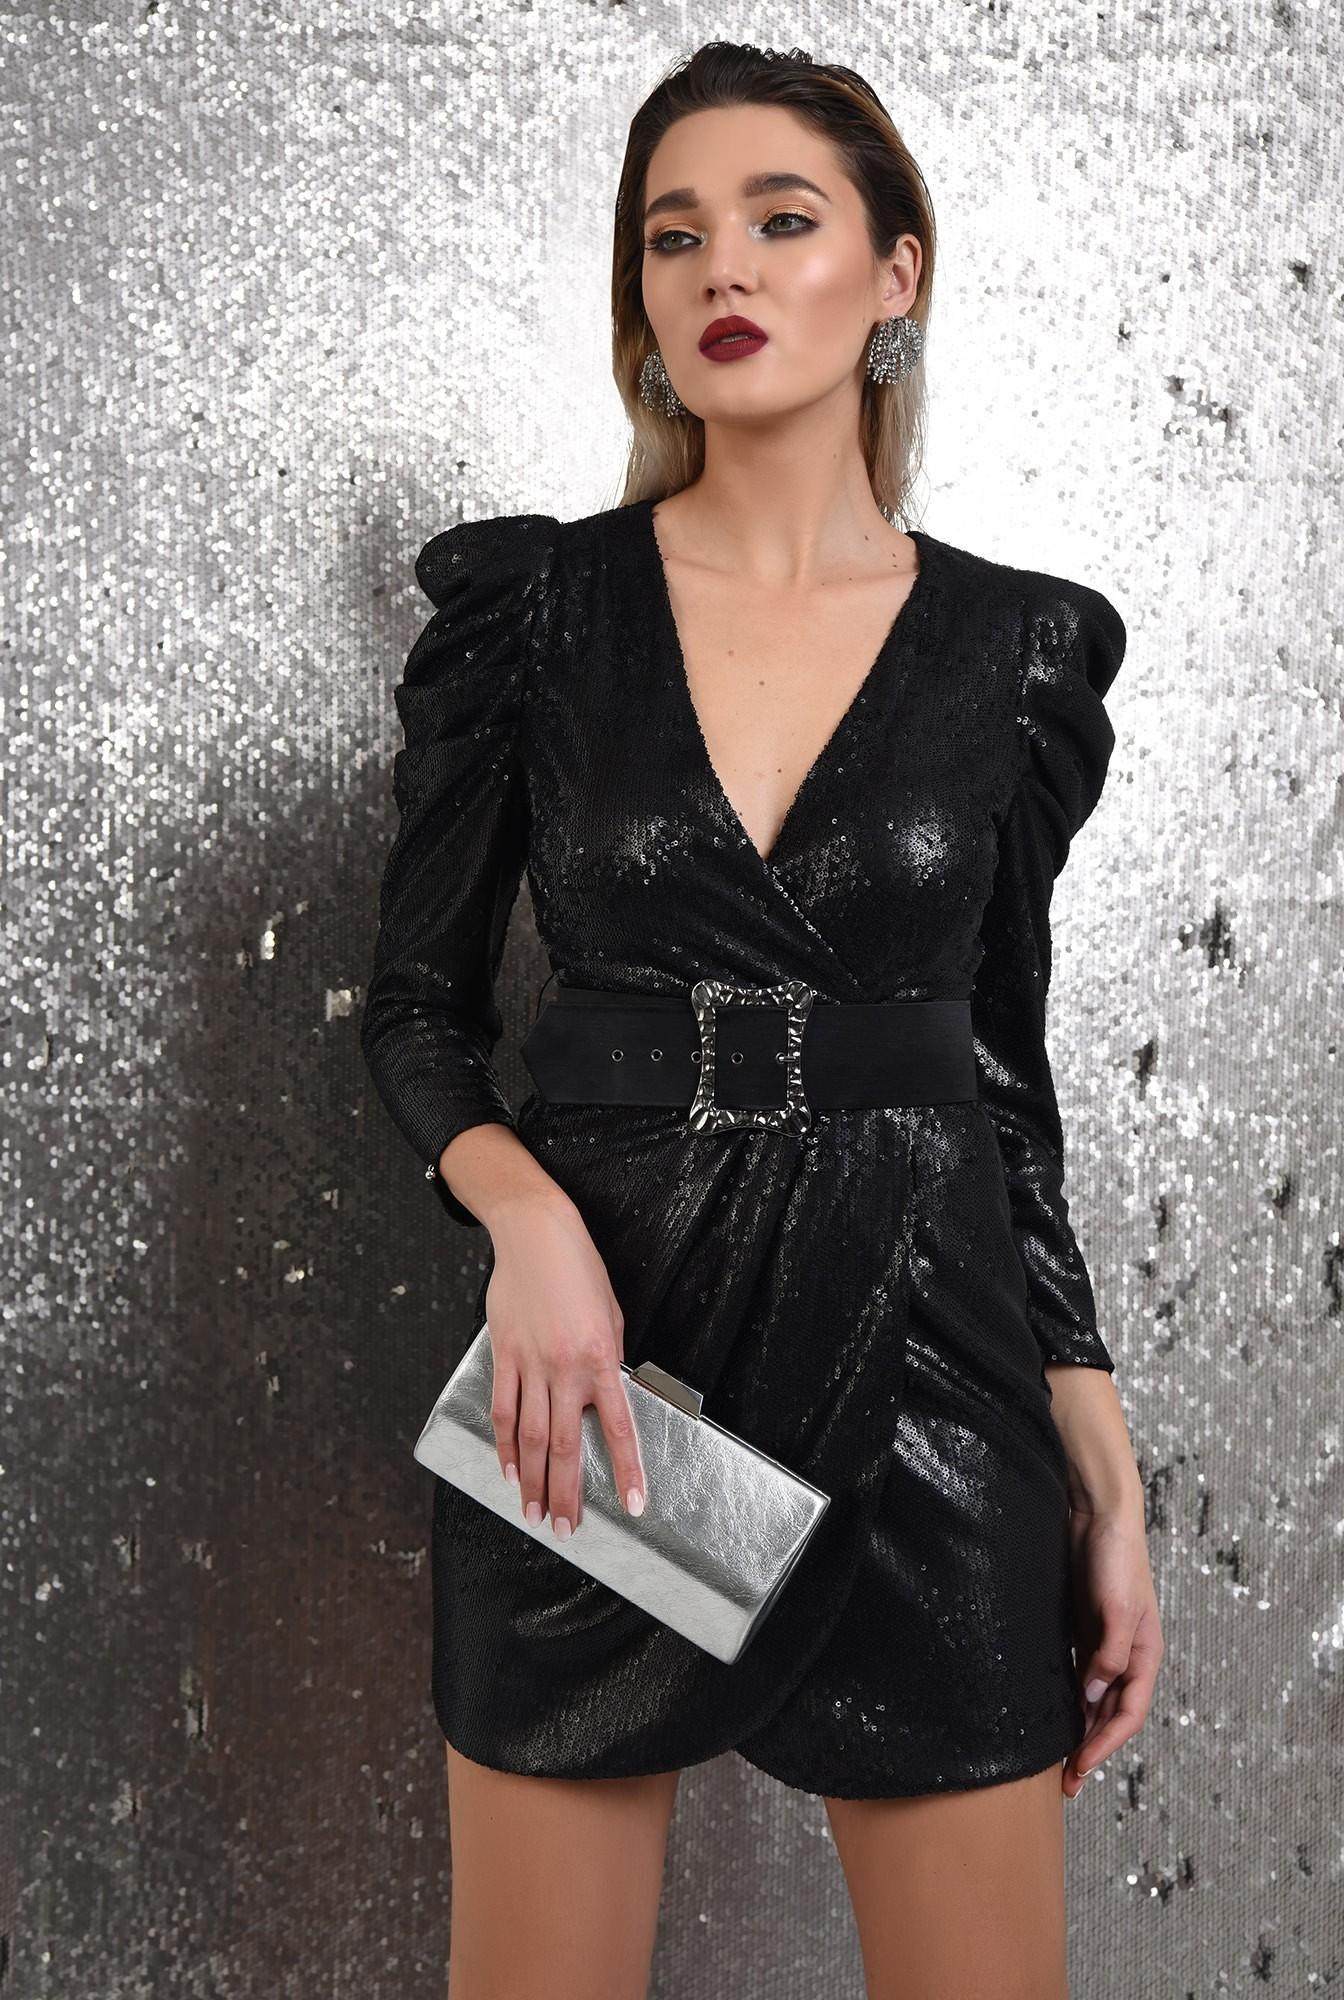 2 - 360 - rochie eleganta, neagra, scurta, cu paiete, curea